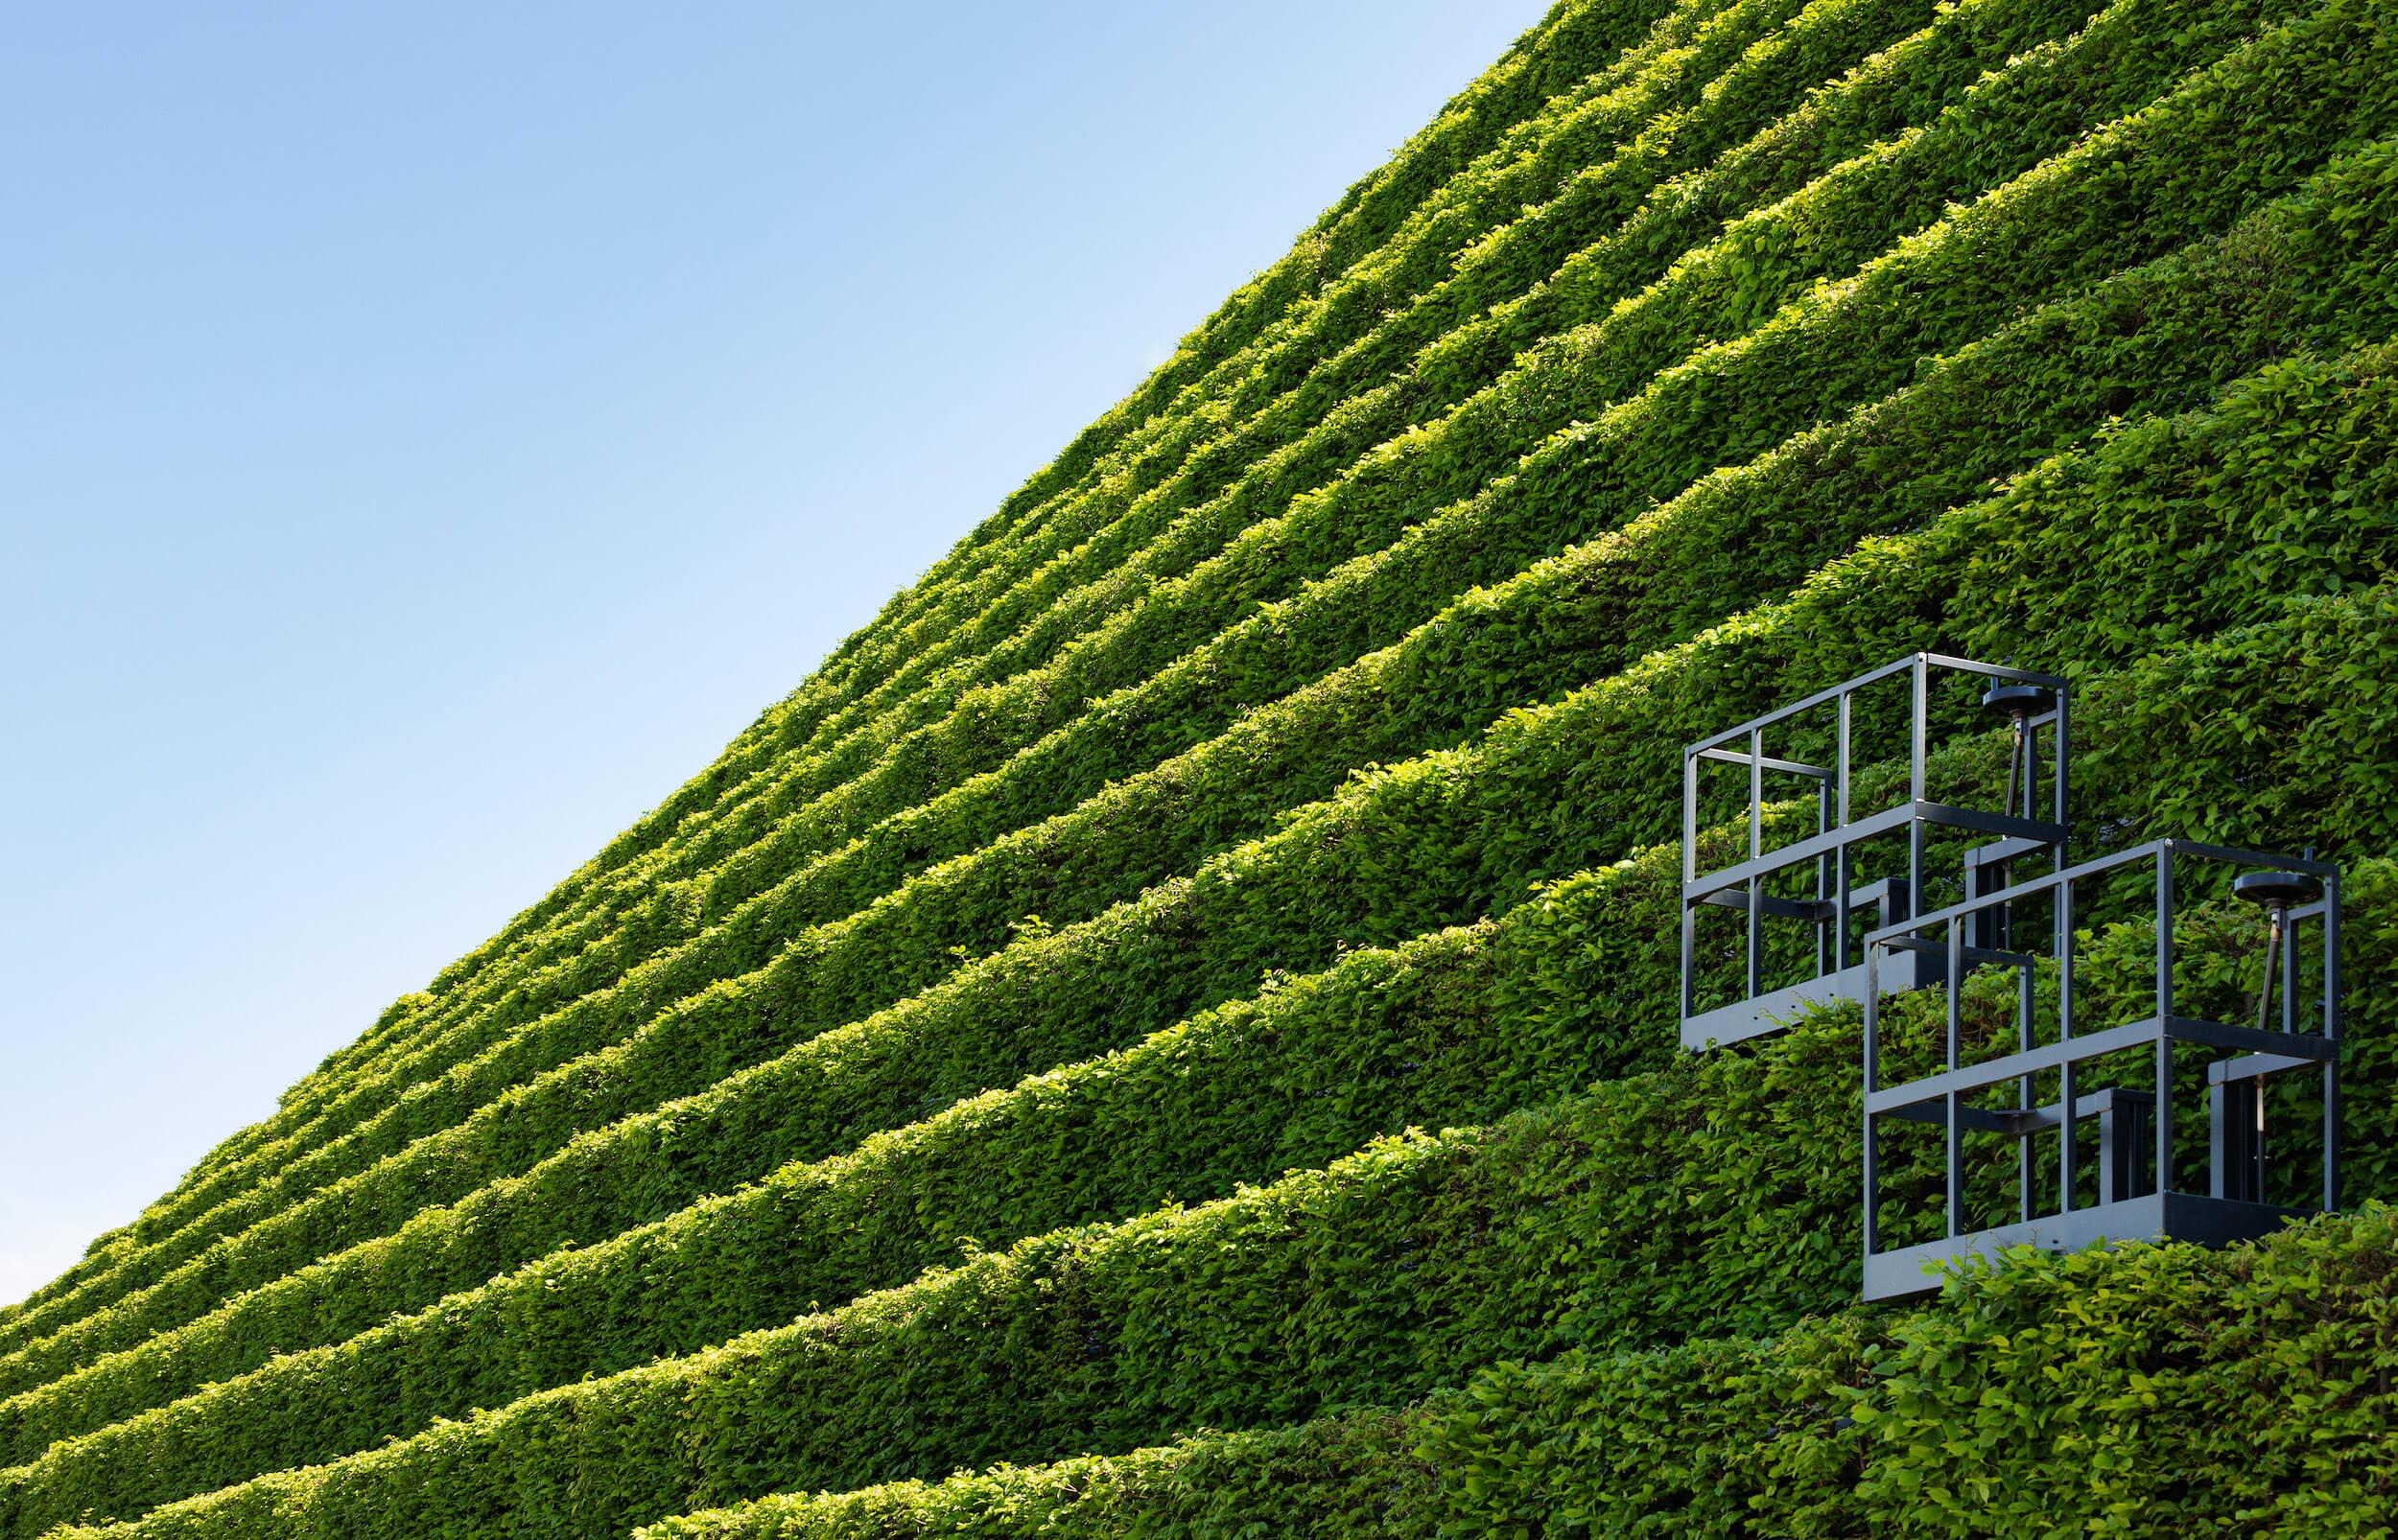 Kö-Bogen II, Düsseldorf, Europas größte Grünfassade, nachhaltige Architektur